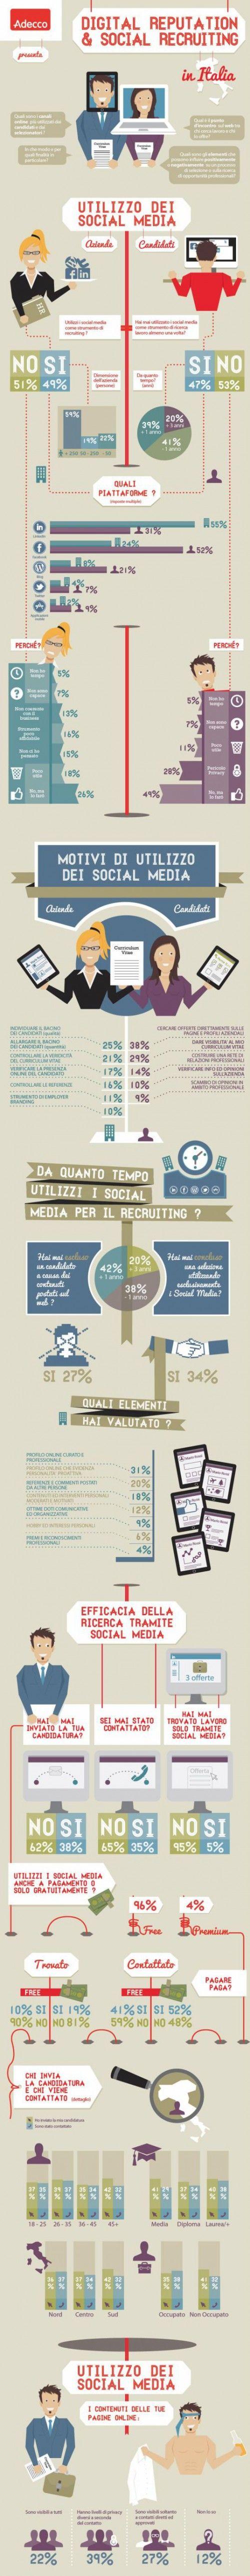 Digital Reputation e Social Recruiting